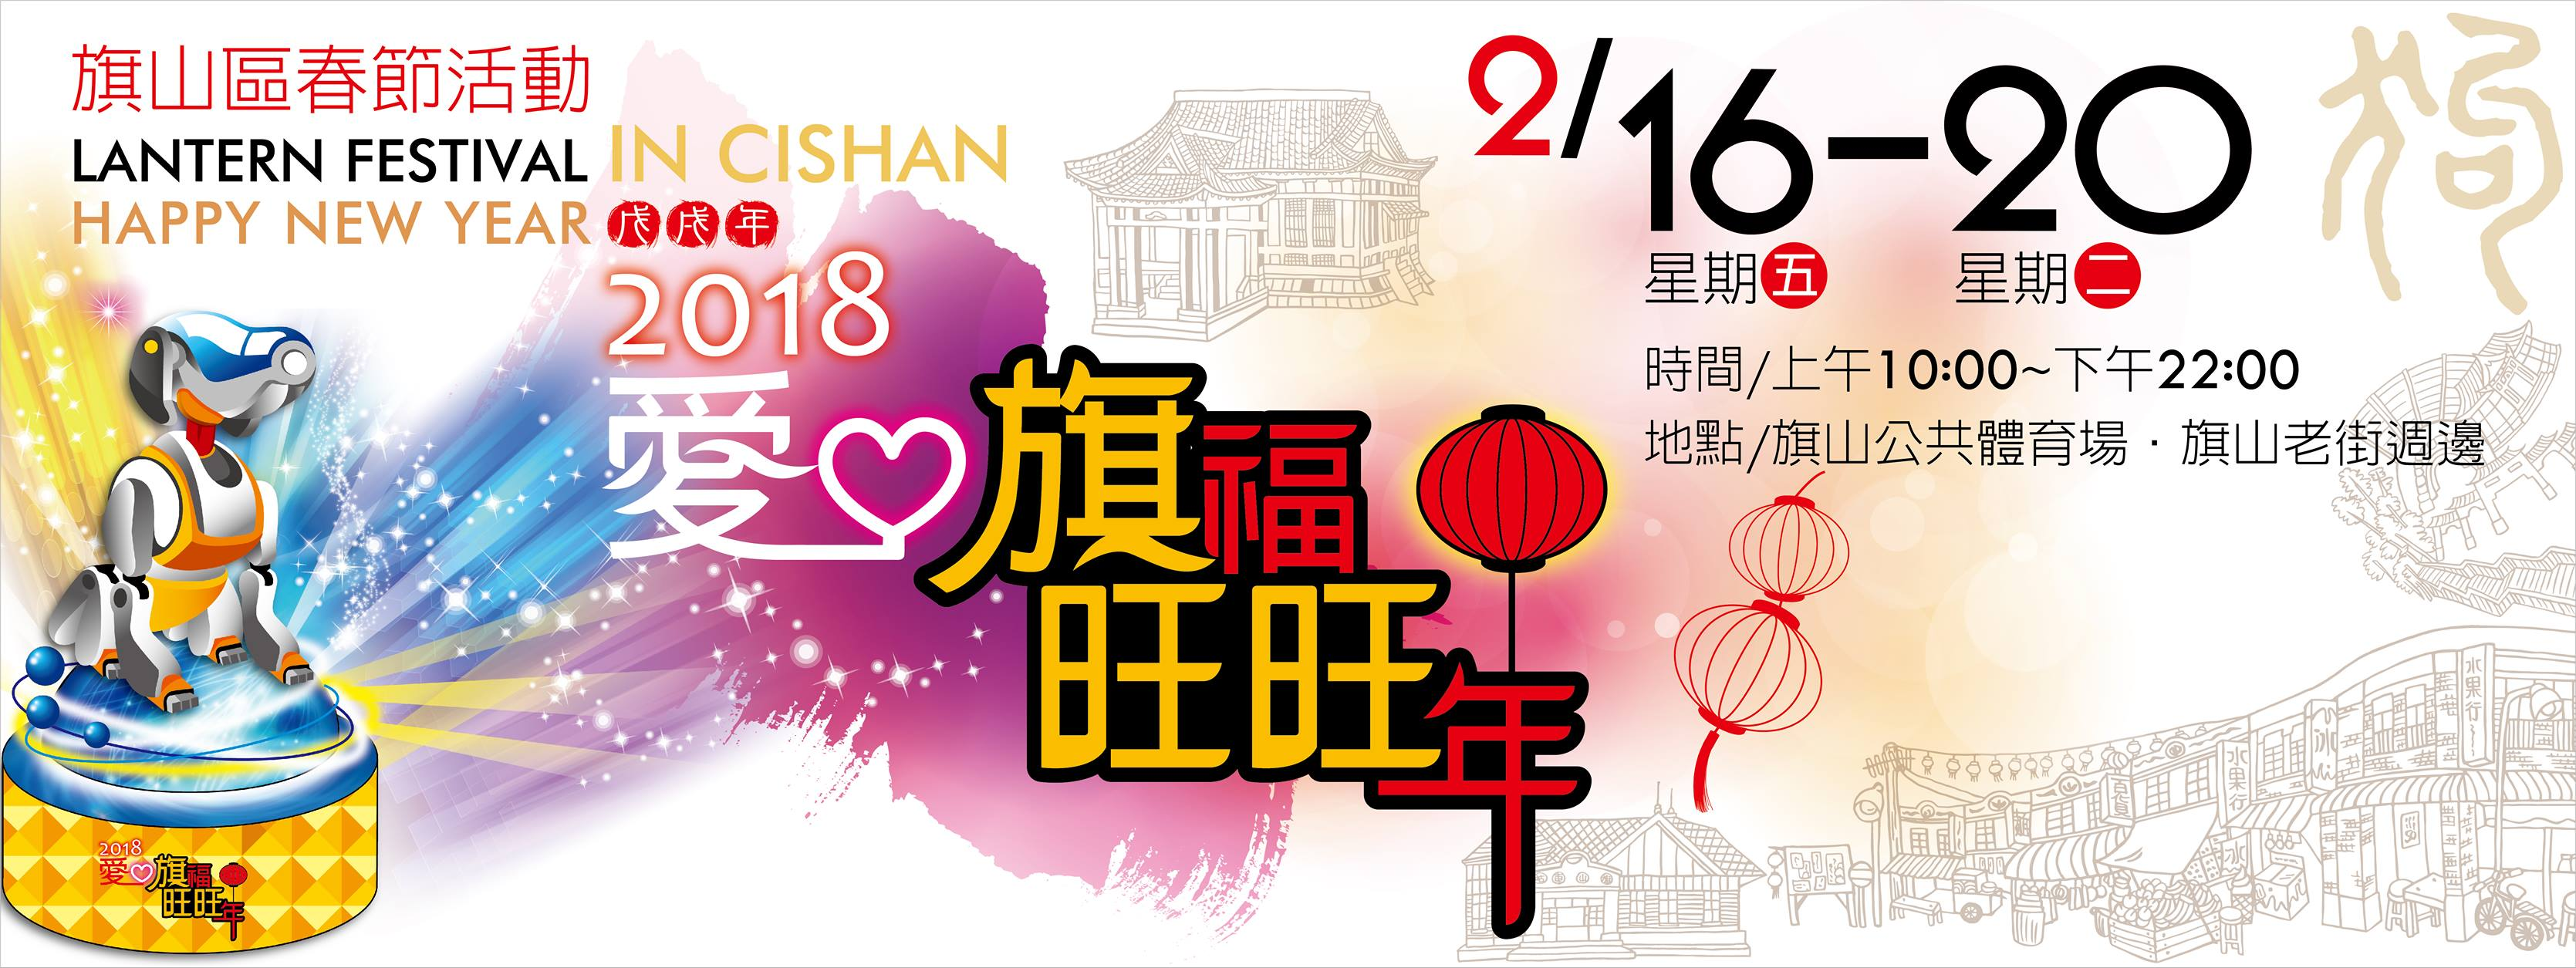 2018旗山春節活動-愛旗福旺旺年